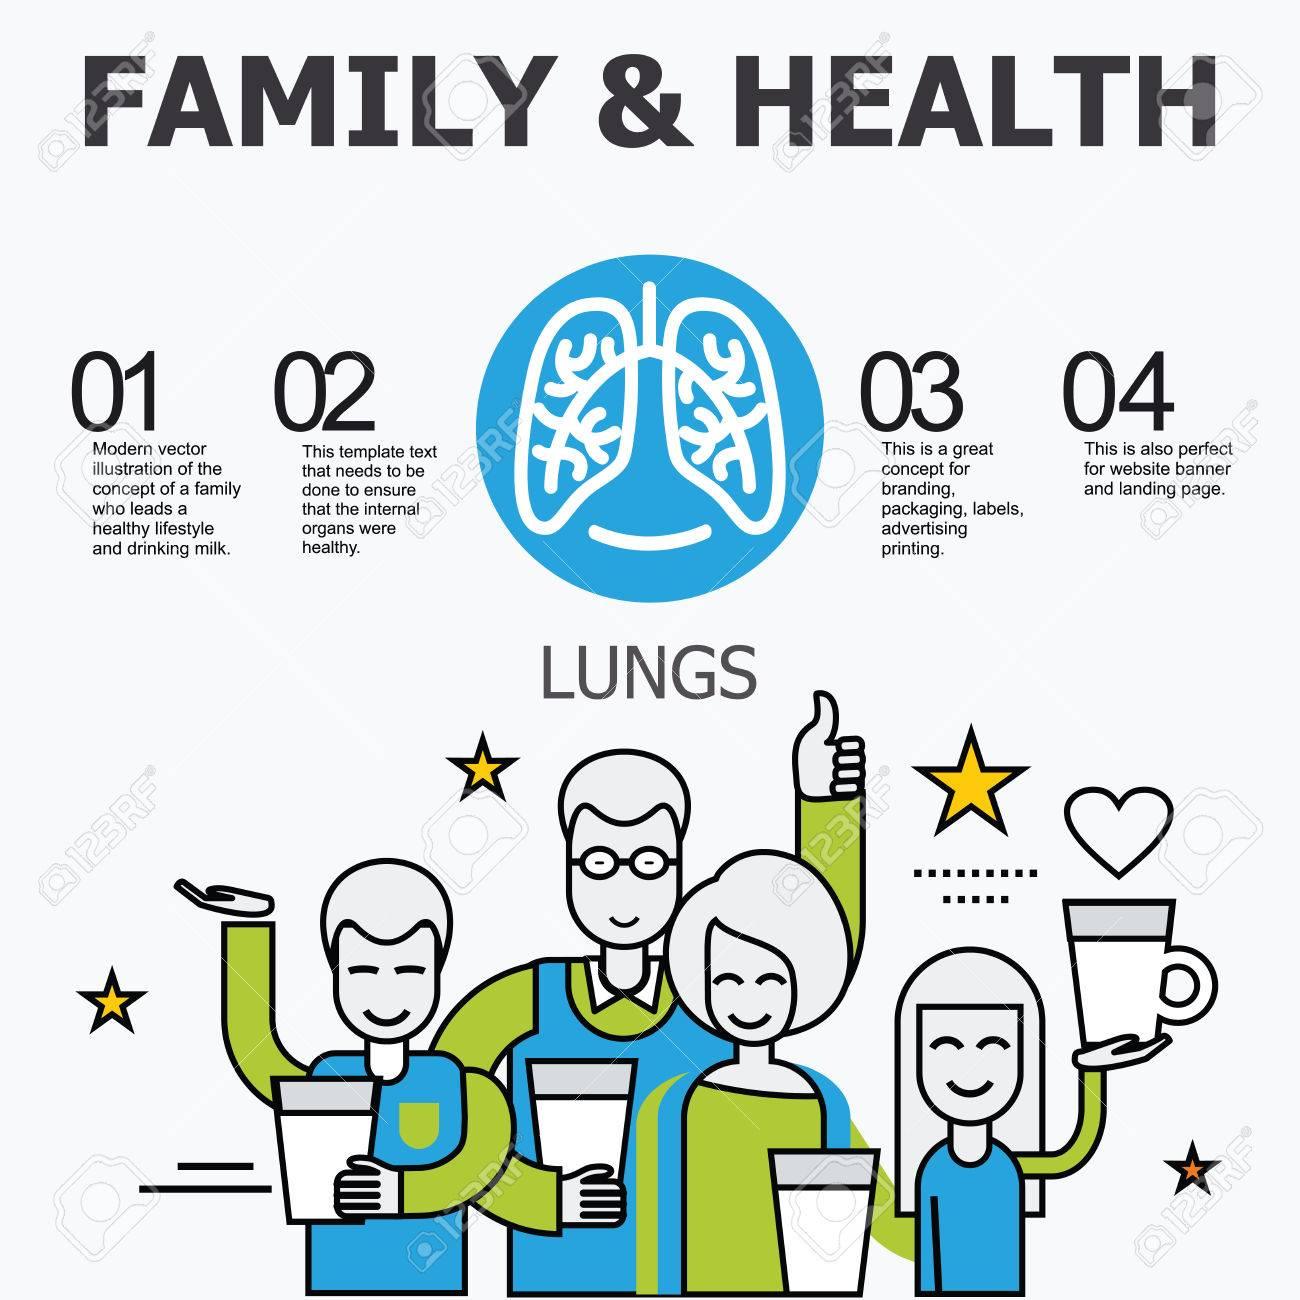 Innere Organe - Lungen. Medizinische Infografik Icons, Menschliche ...